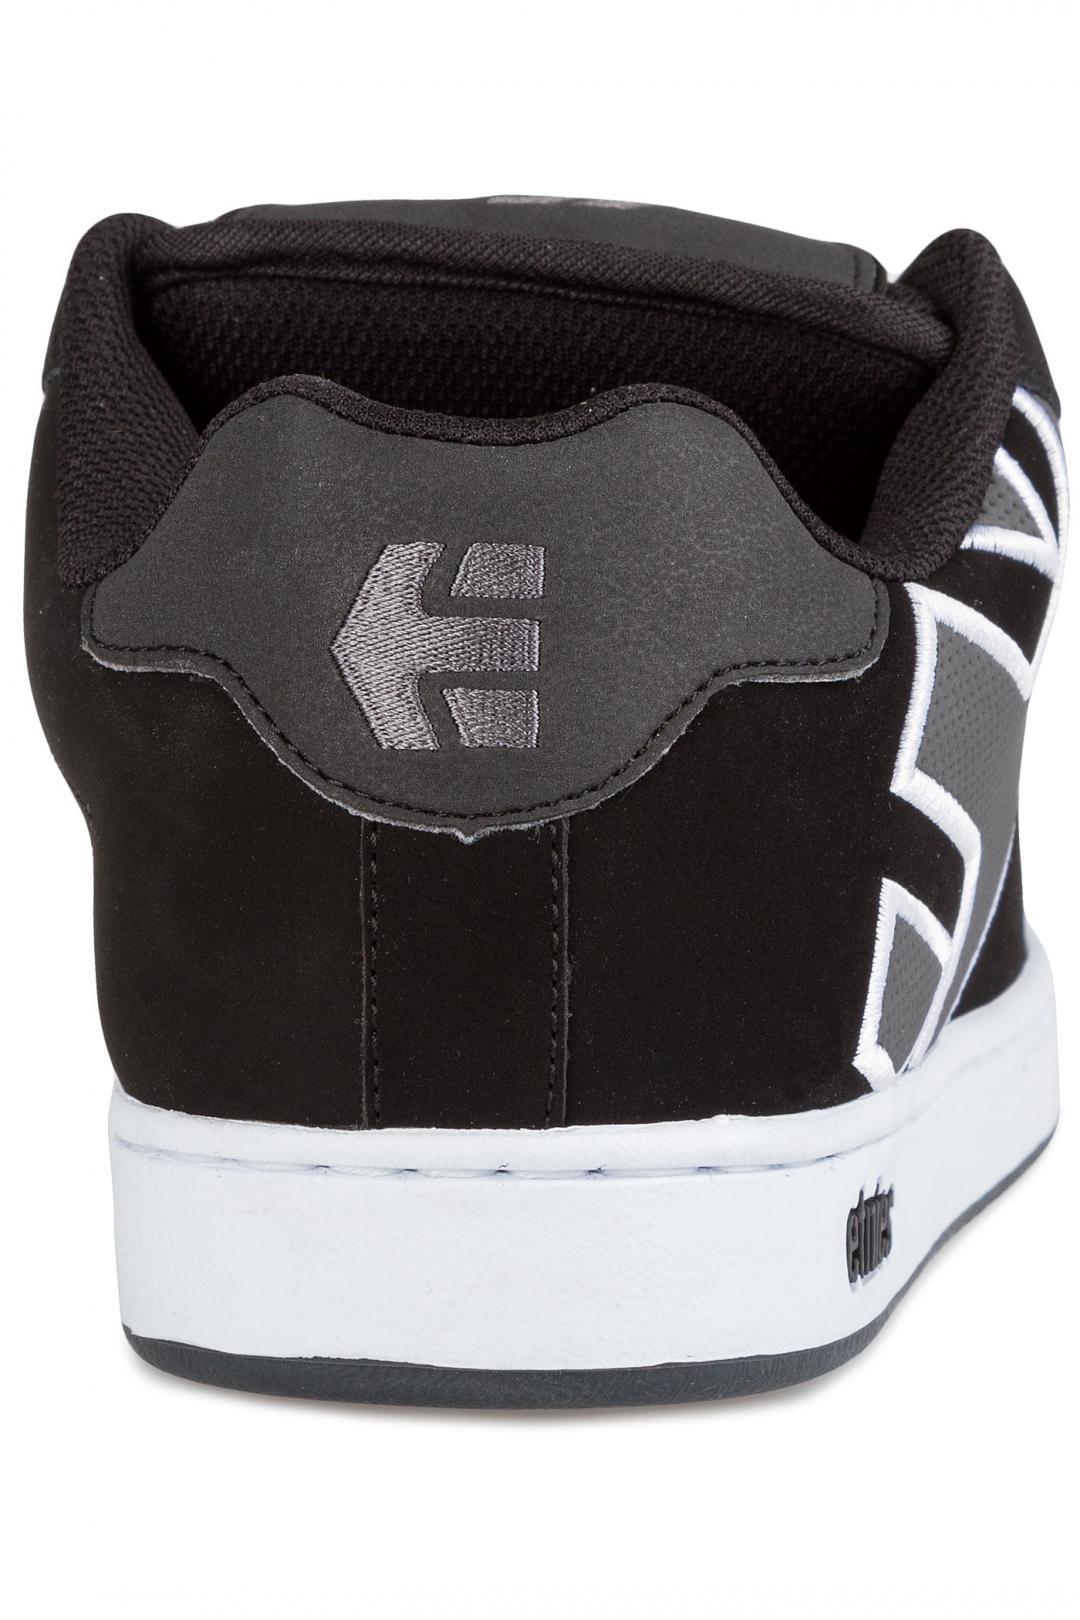 Uomo Etnies Fader black dark grey silver | Scarpe da skate